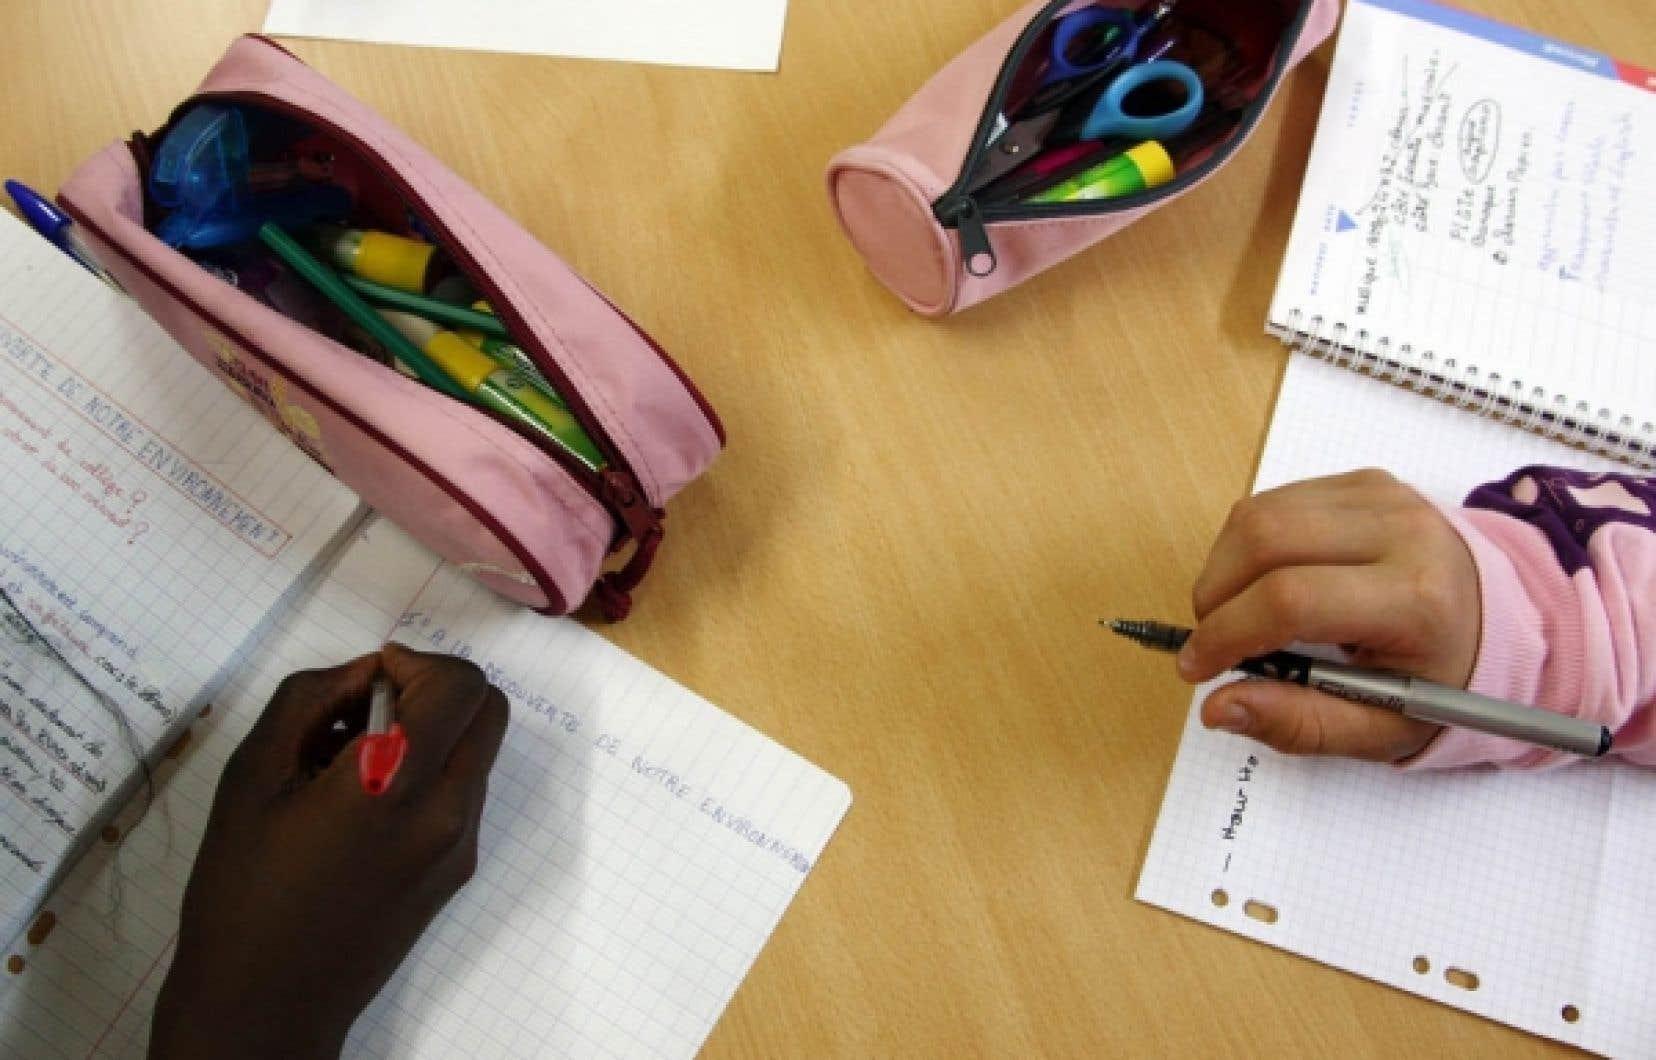 Selon le Conseil supérieur de l'éducation, il est de plus en plus difficile pour les parents d'aider leurs enfants dans la réalisation des devoirs.